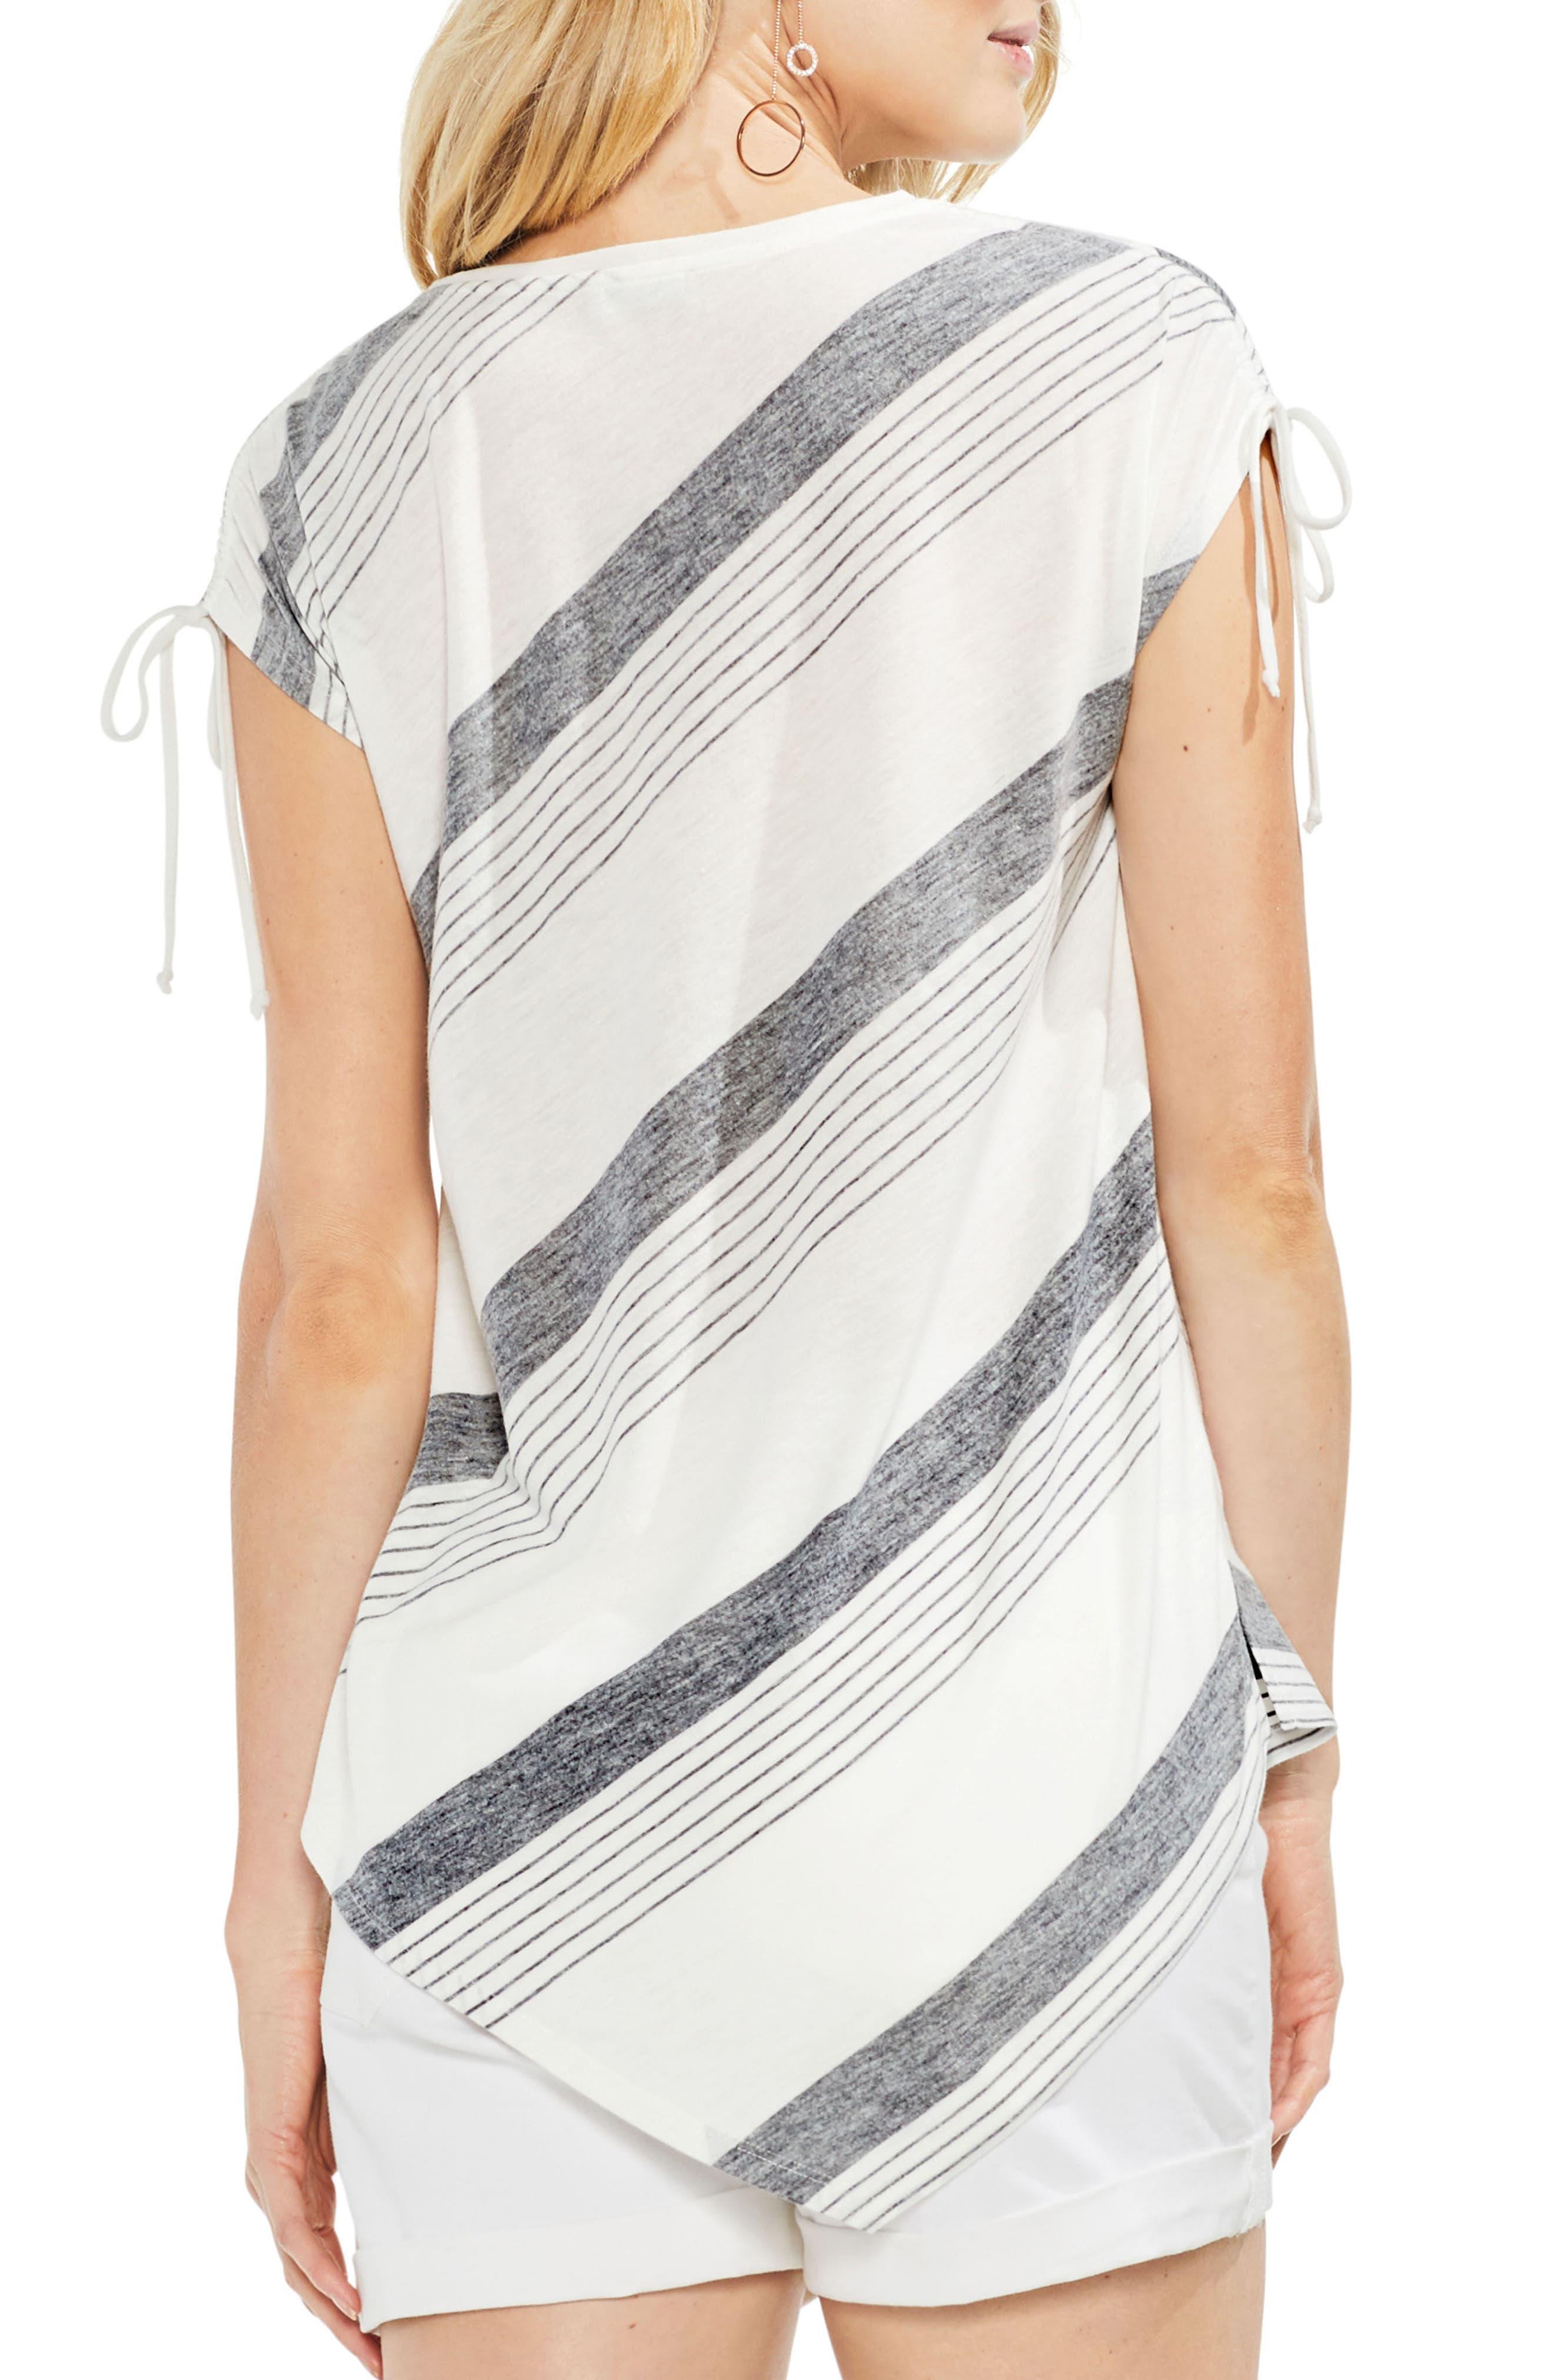 Stripe Asymmetrical Top,                             Alternate thumbnail 2, color,                             001